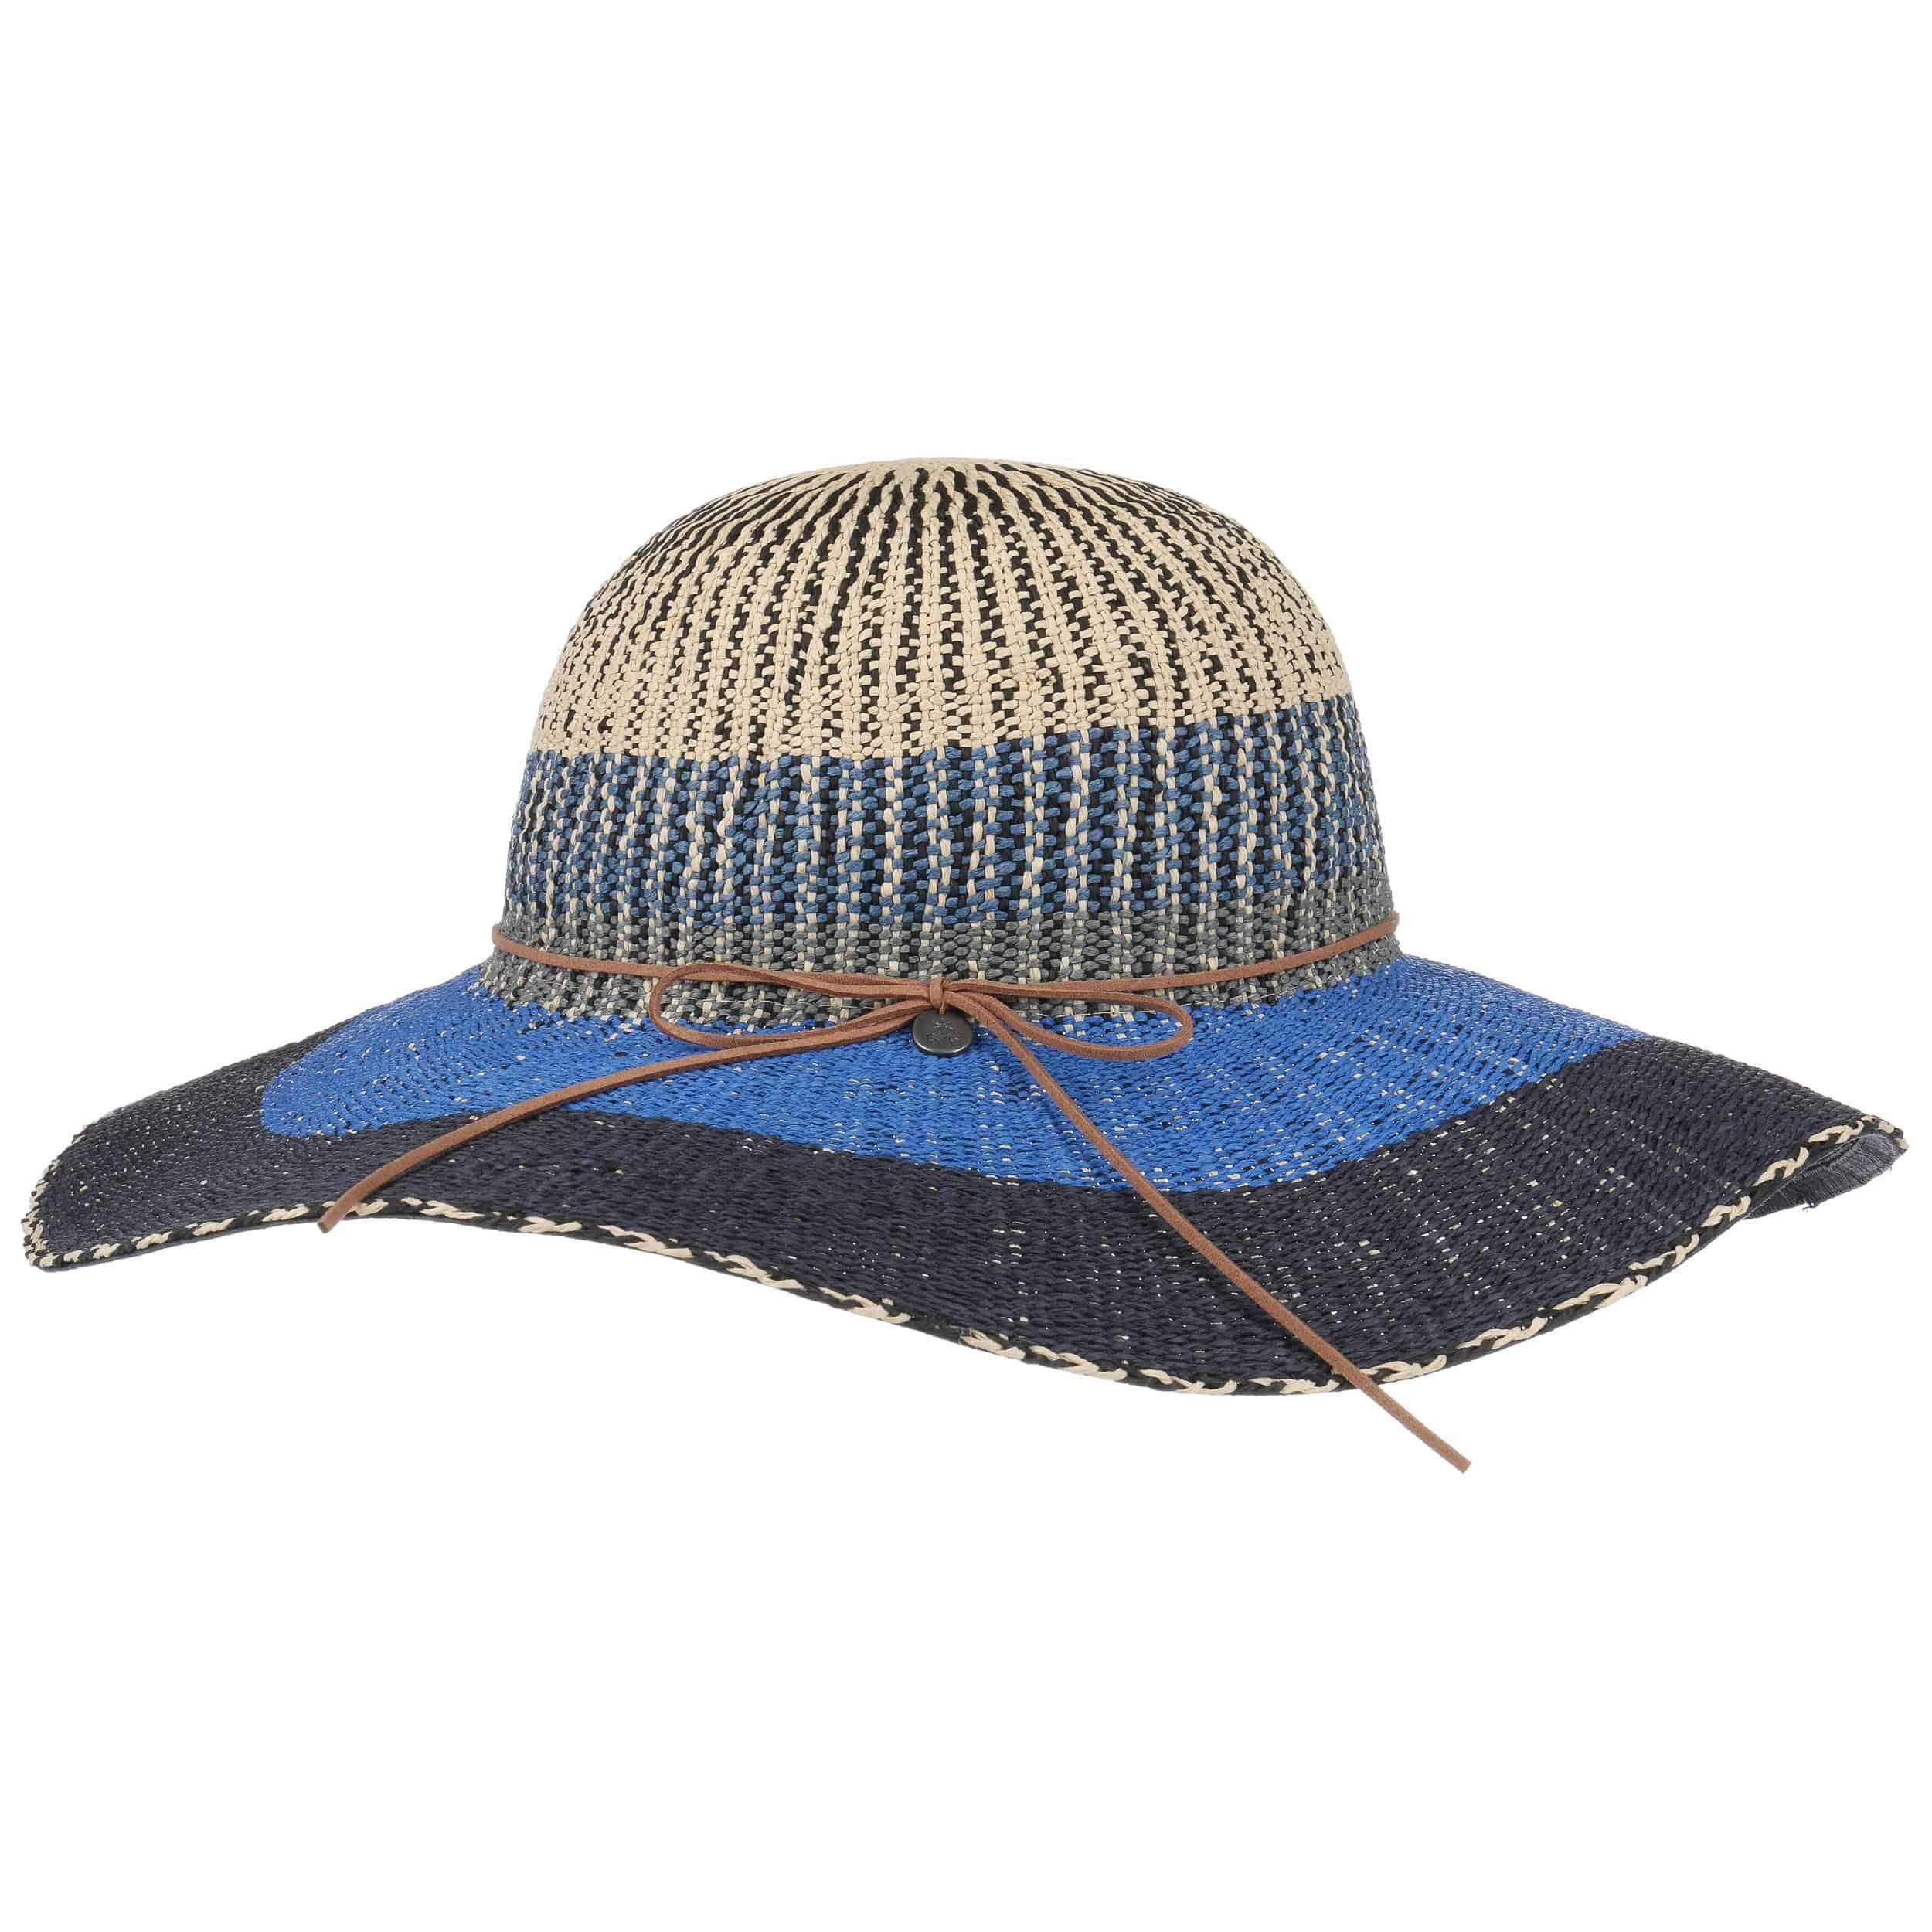 117bcf87 ... Mexa Floppy Hat by Barts - blue 5 ...